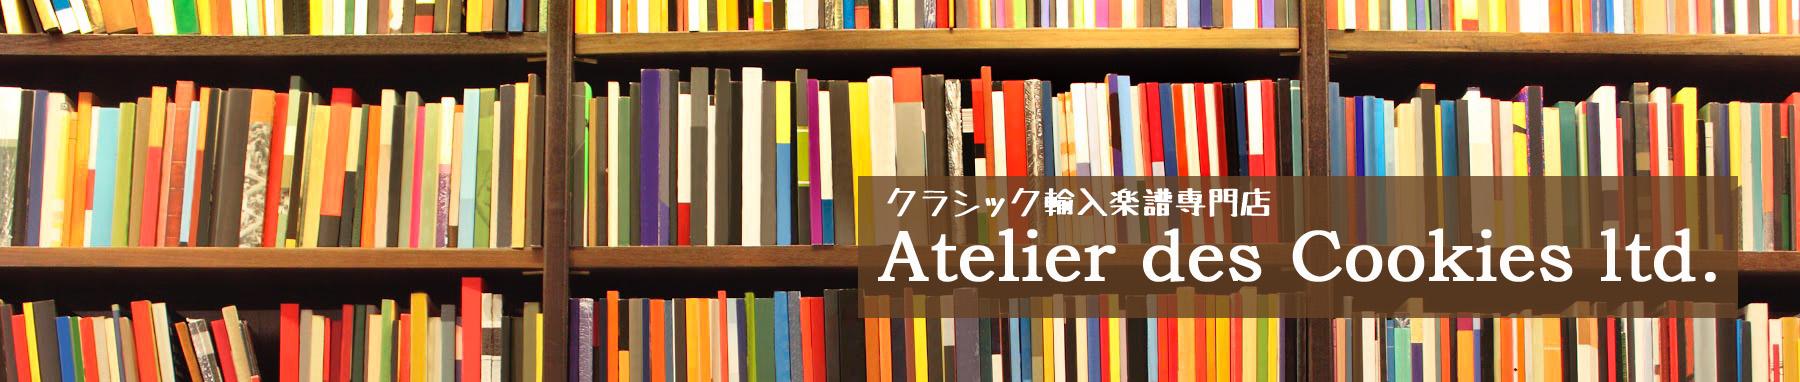 輸入楽譜専門店 アトリエ・デ・くっきぃず